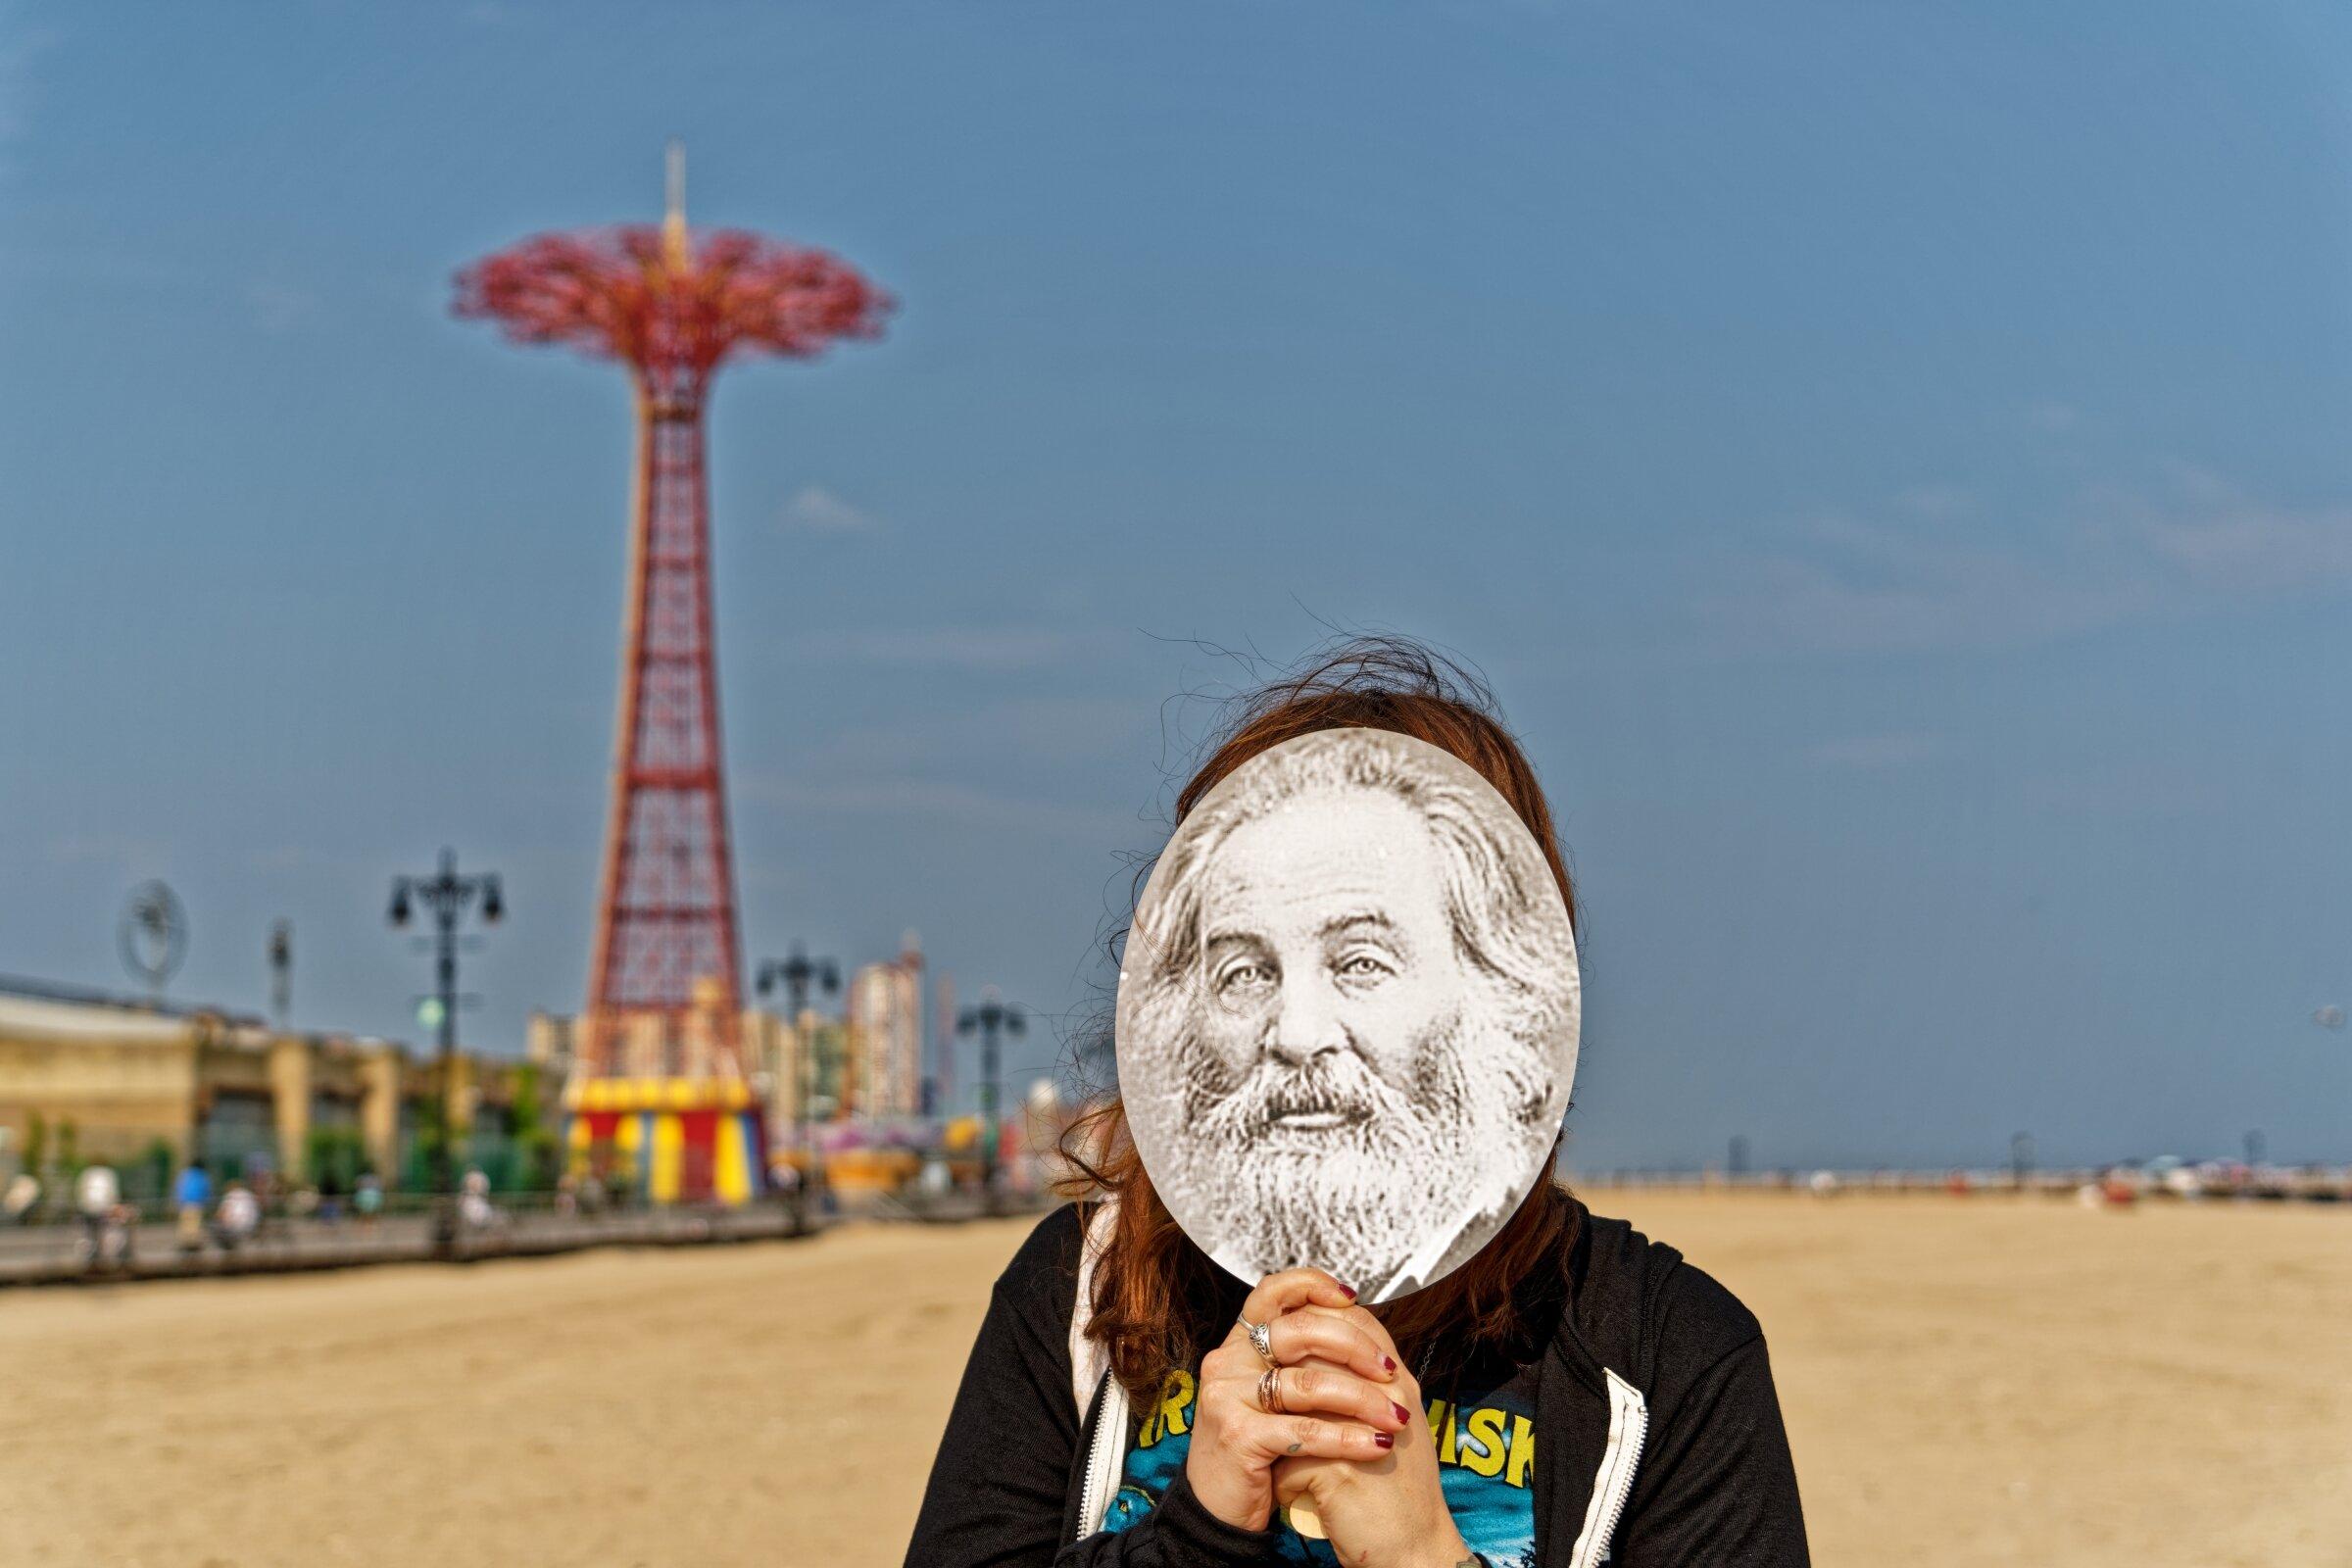 Whitman_FaceFan_Parachute Jump_PPM.jpg